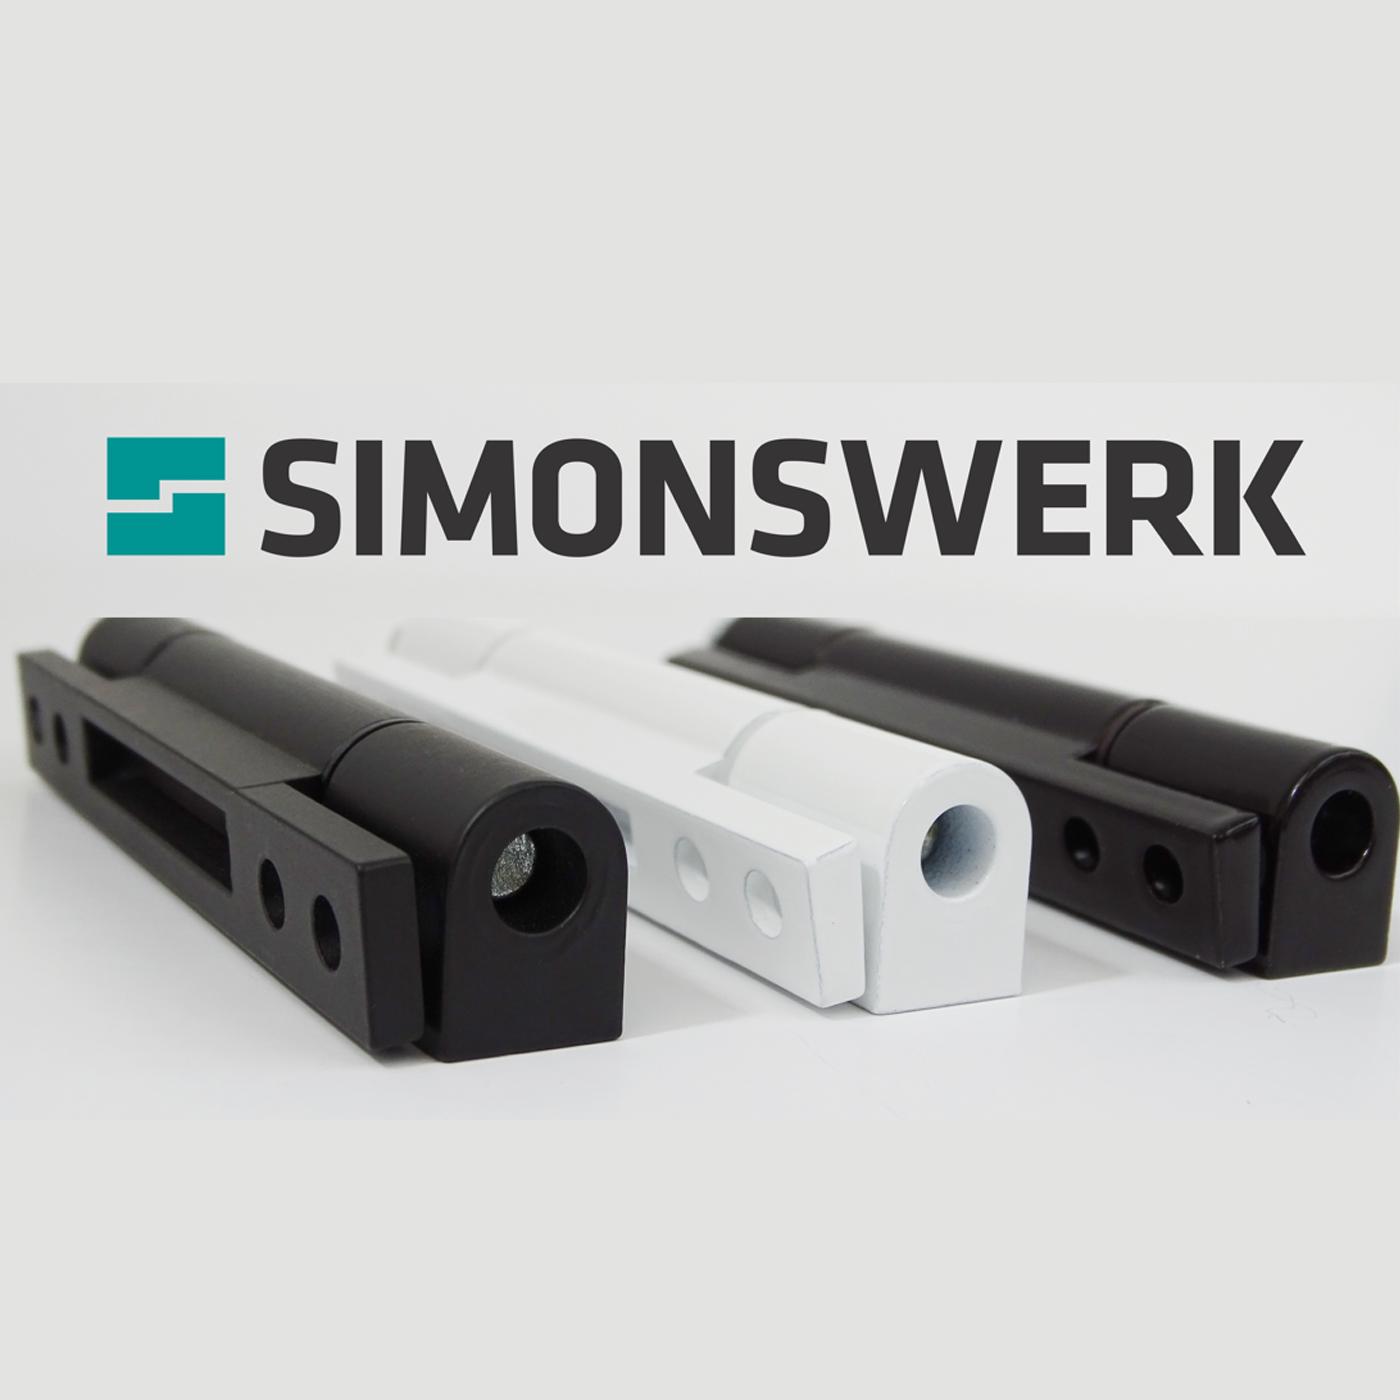 Simonswerk | Bisagras de ventanas de PVC